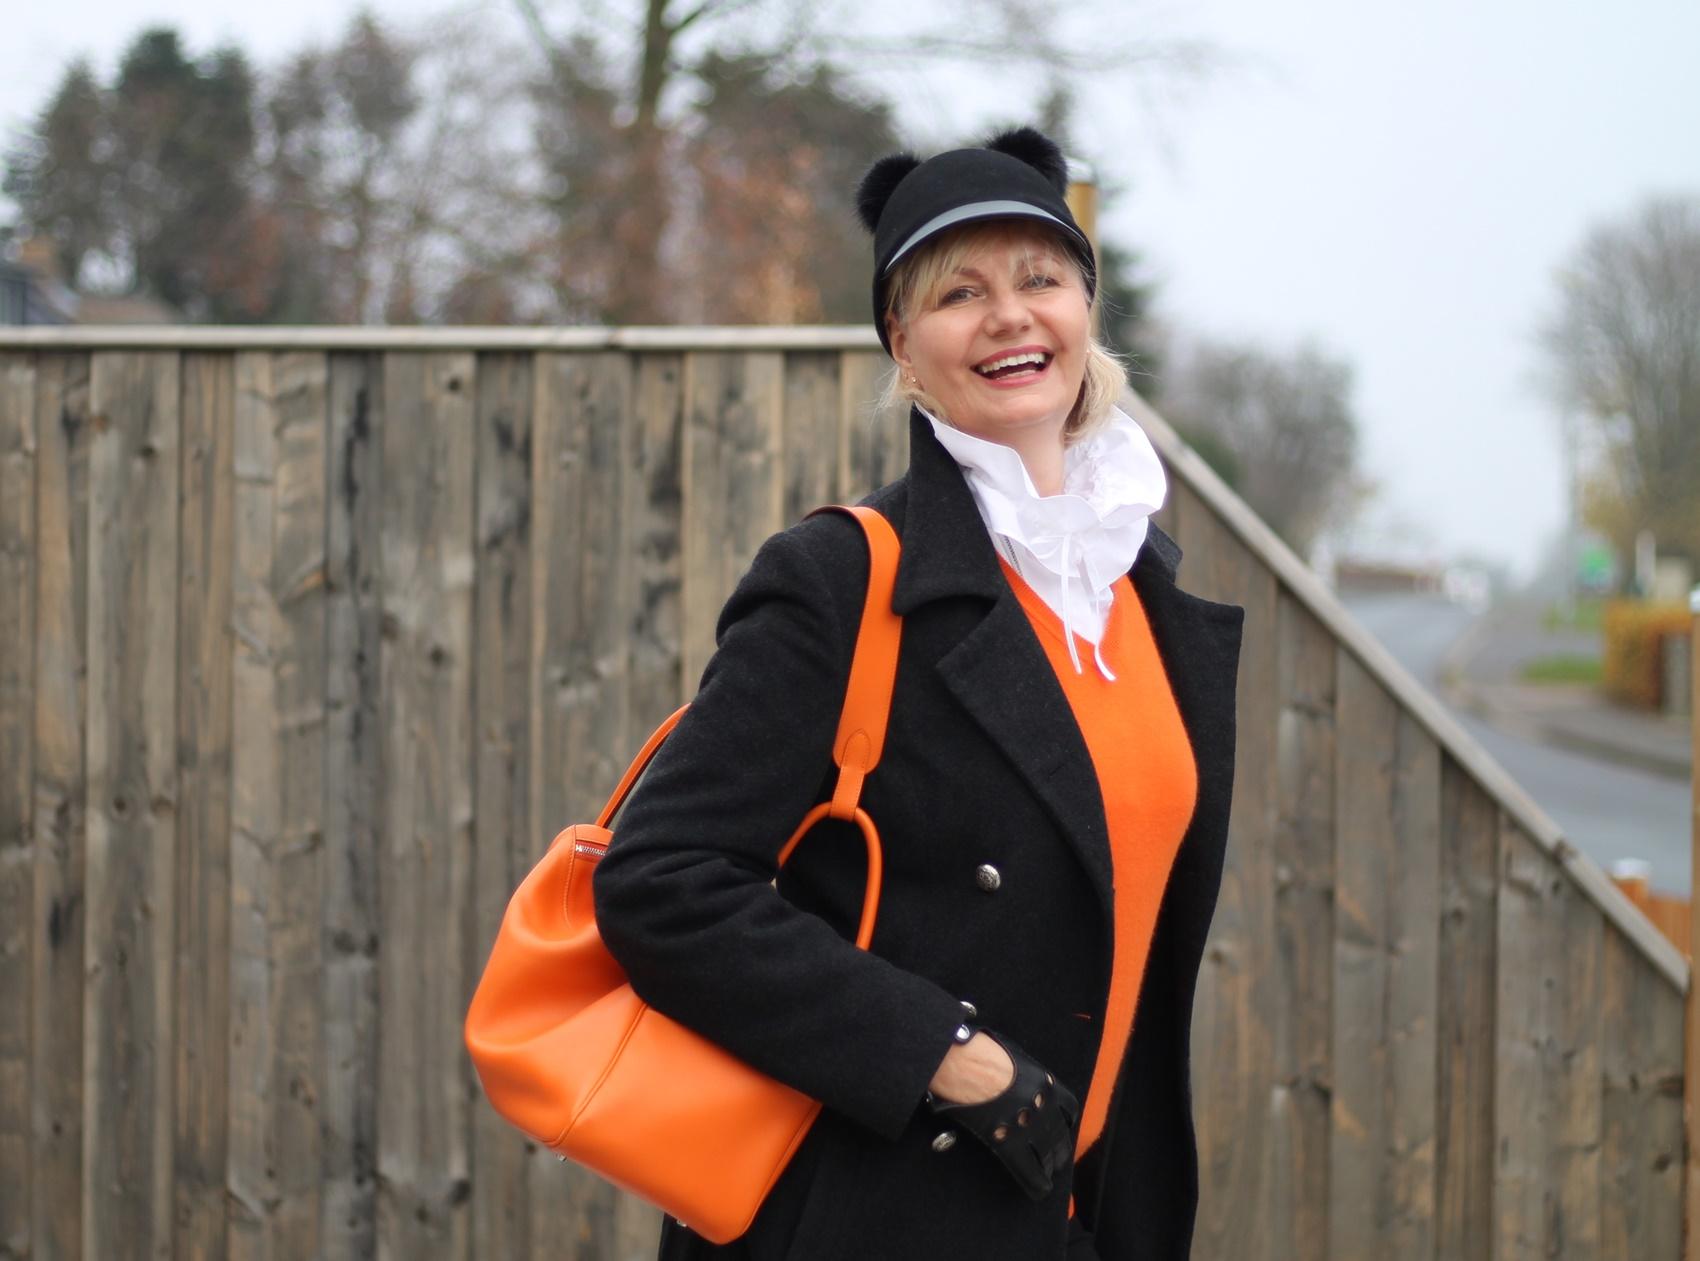 glamupyourlifestyle bloggerinterview Bärbel-uefuffzich Ü50 Ü-50-Blog ue-40-blog ue-50-Mode Stil